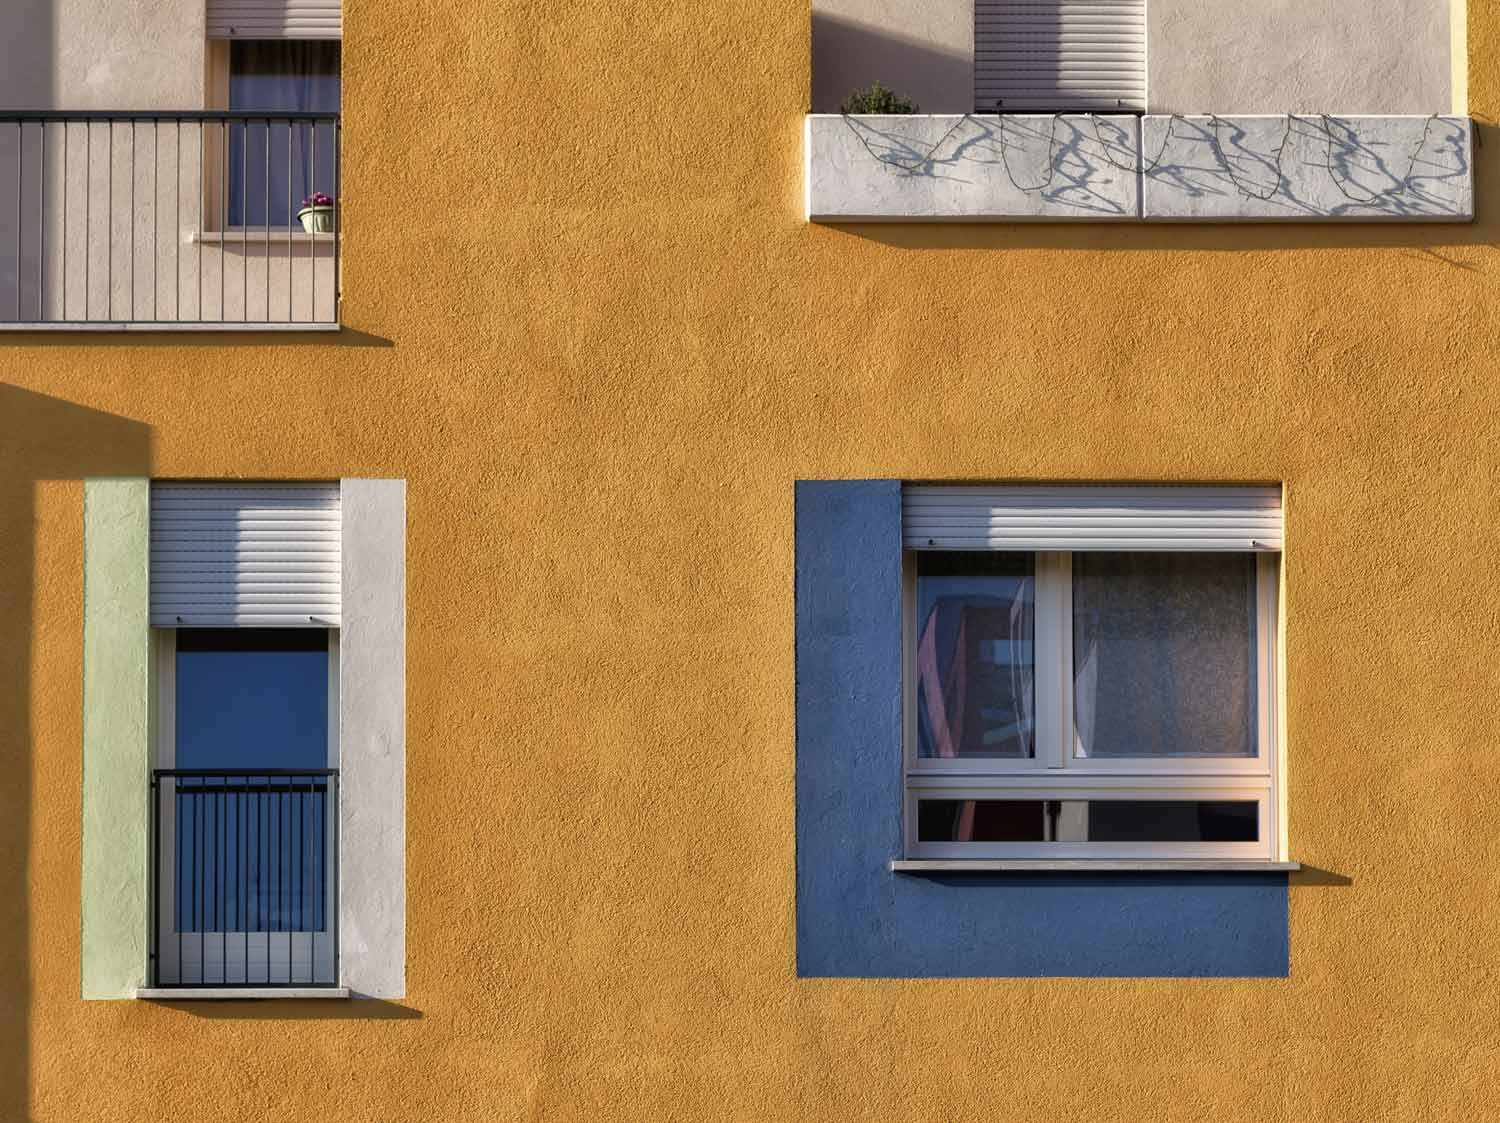 Choisir couleur facade maison couleur pour cuisine for Choisir couleur toiture